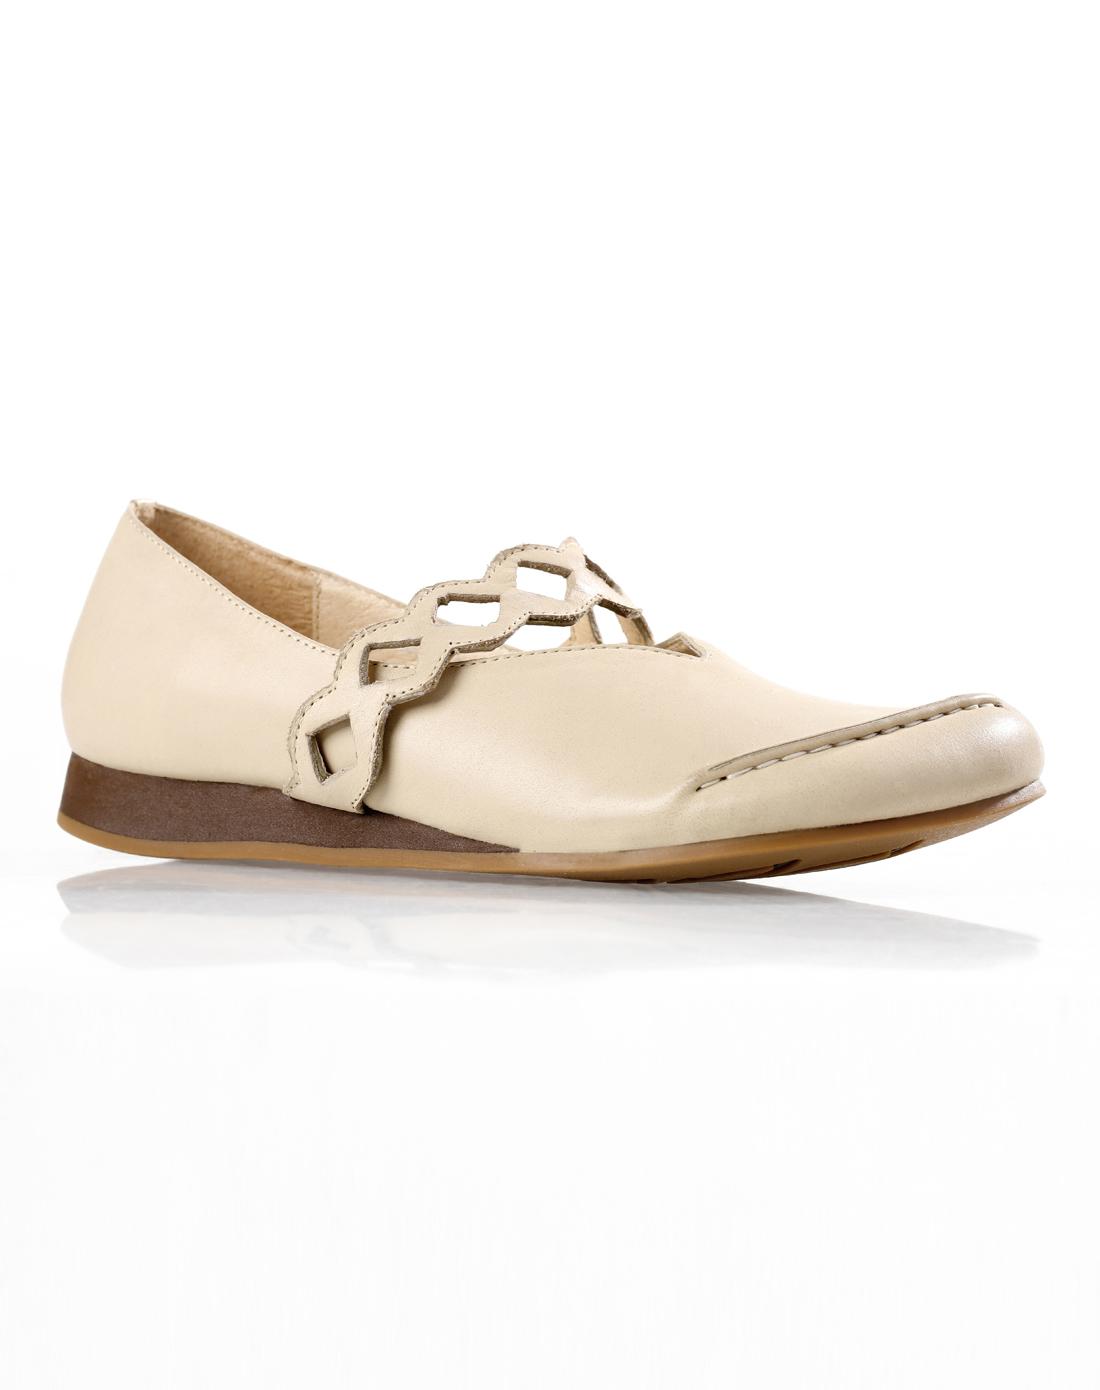 艾米amii米白色气质简约扁头百搭皮鞋11240602113